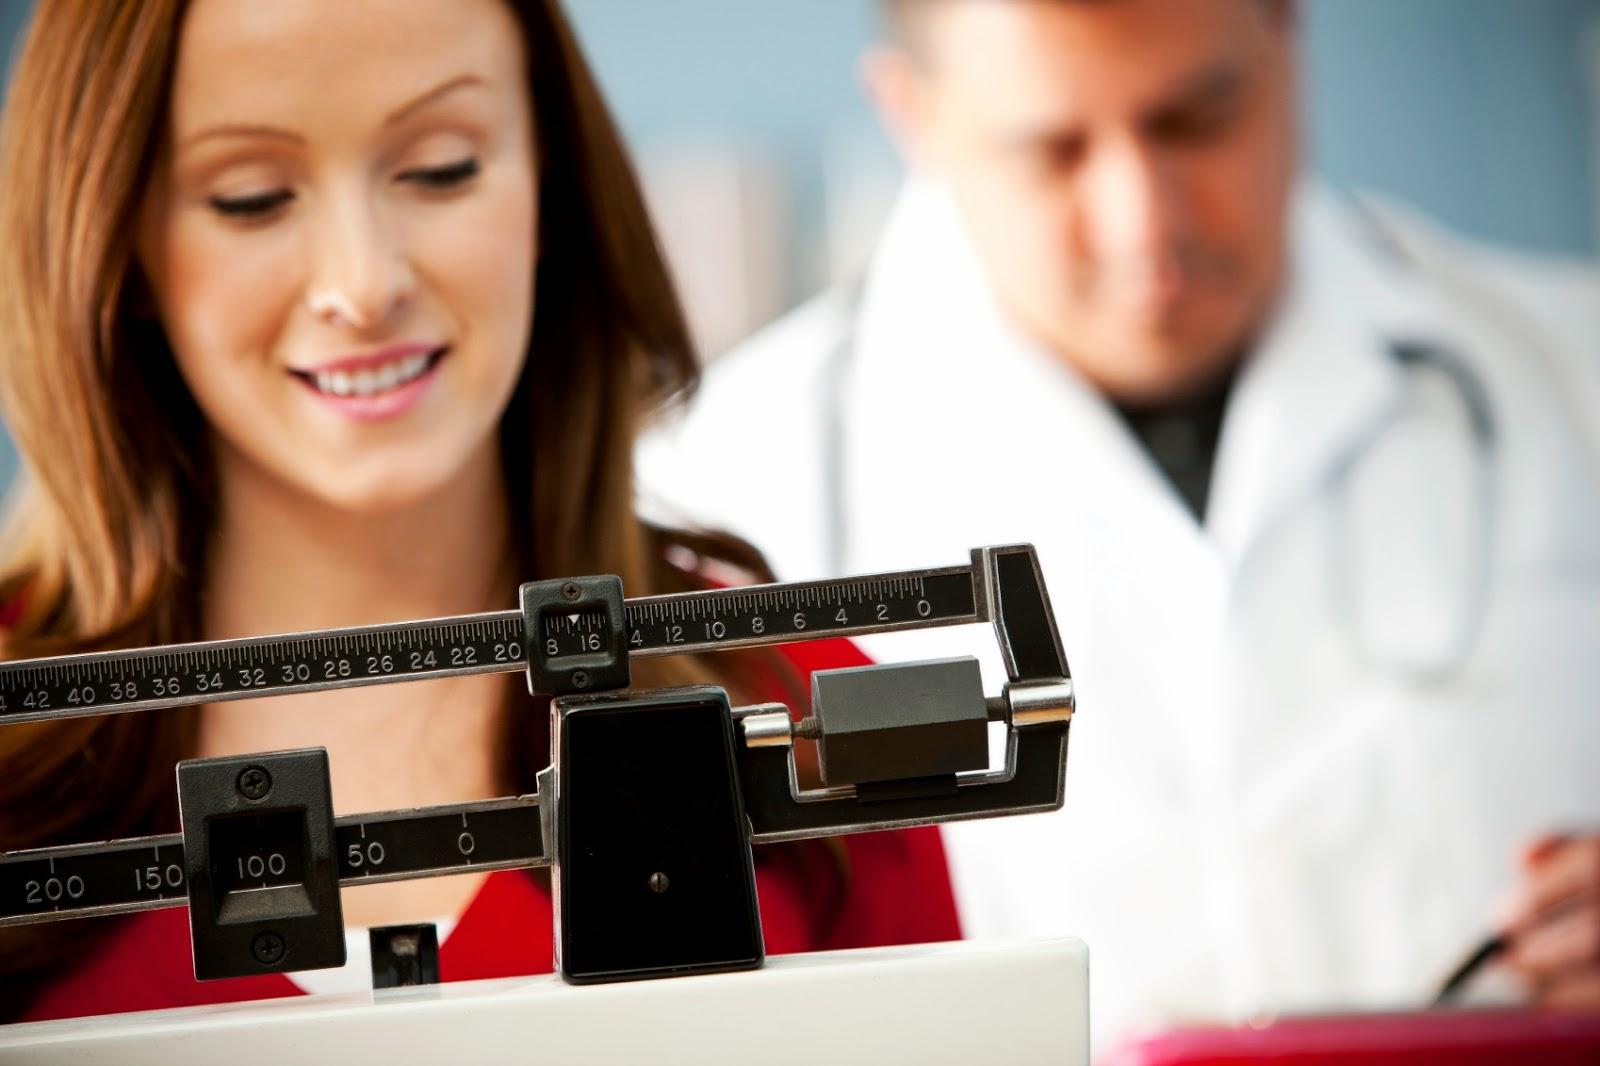 Weight Gain Cause - Hormones in Females